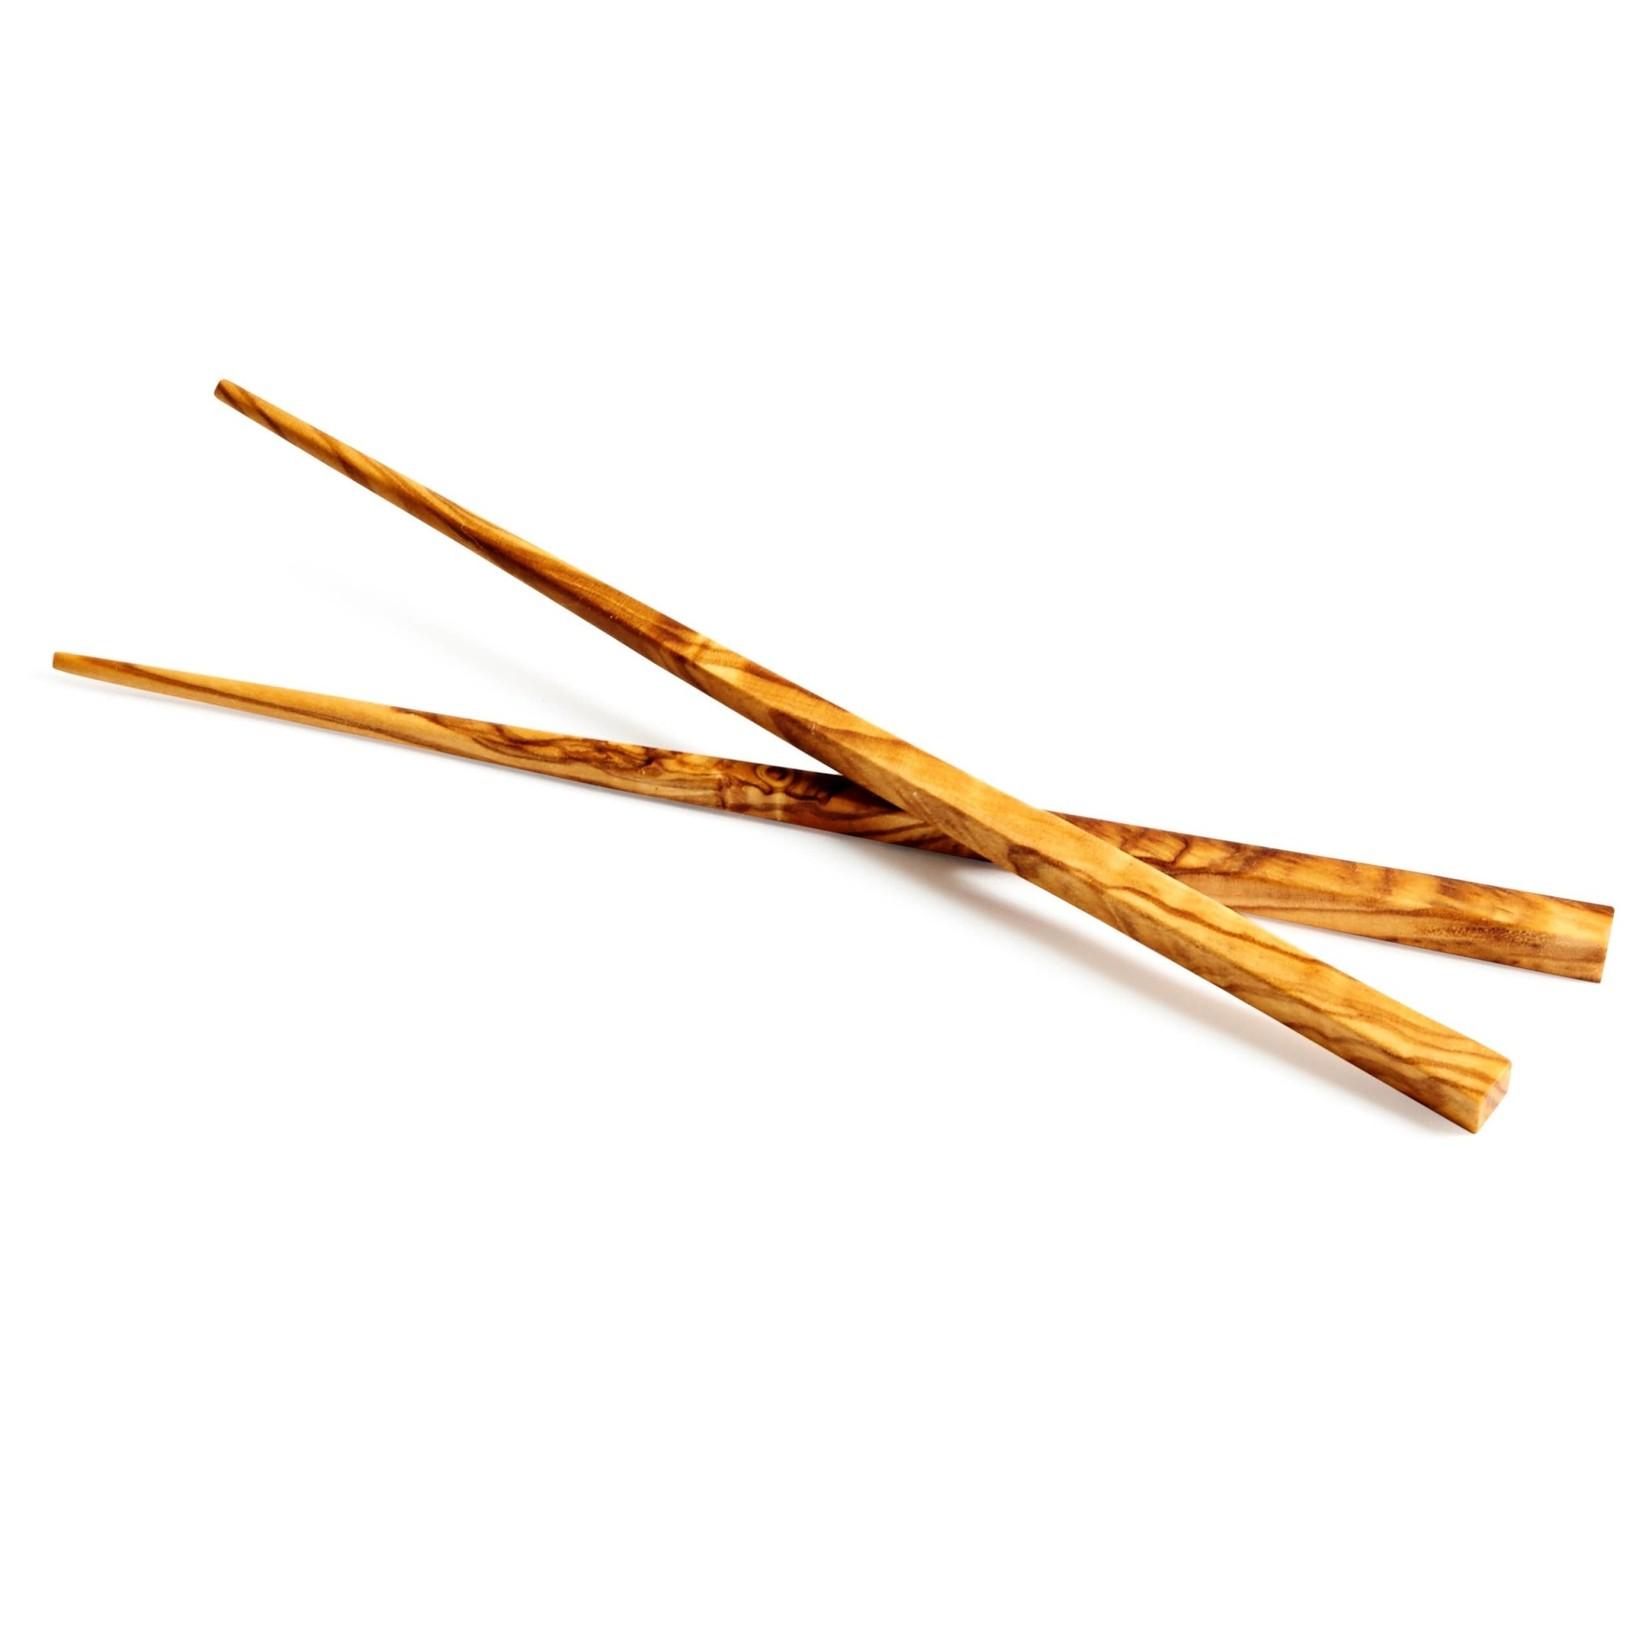 Natural OliveWood Natural OliveWood Chop Sticks